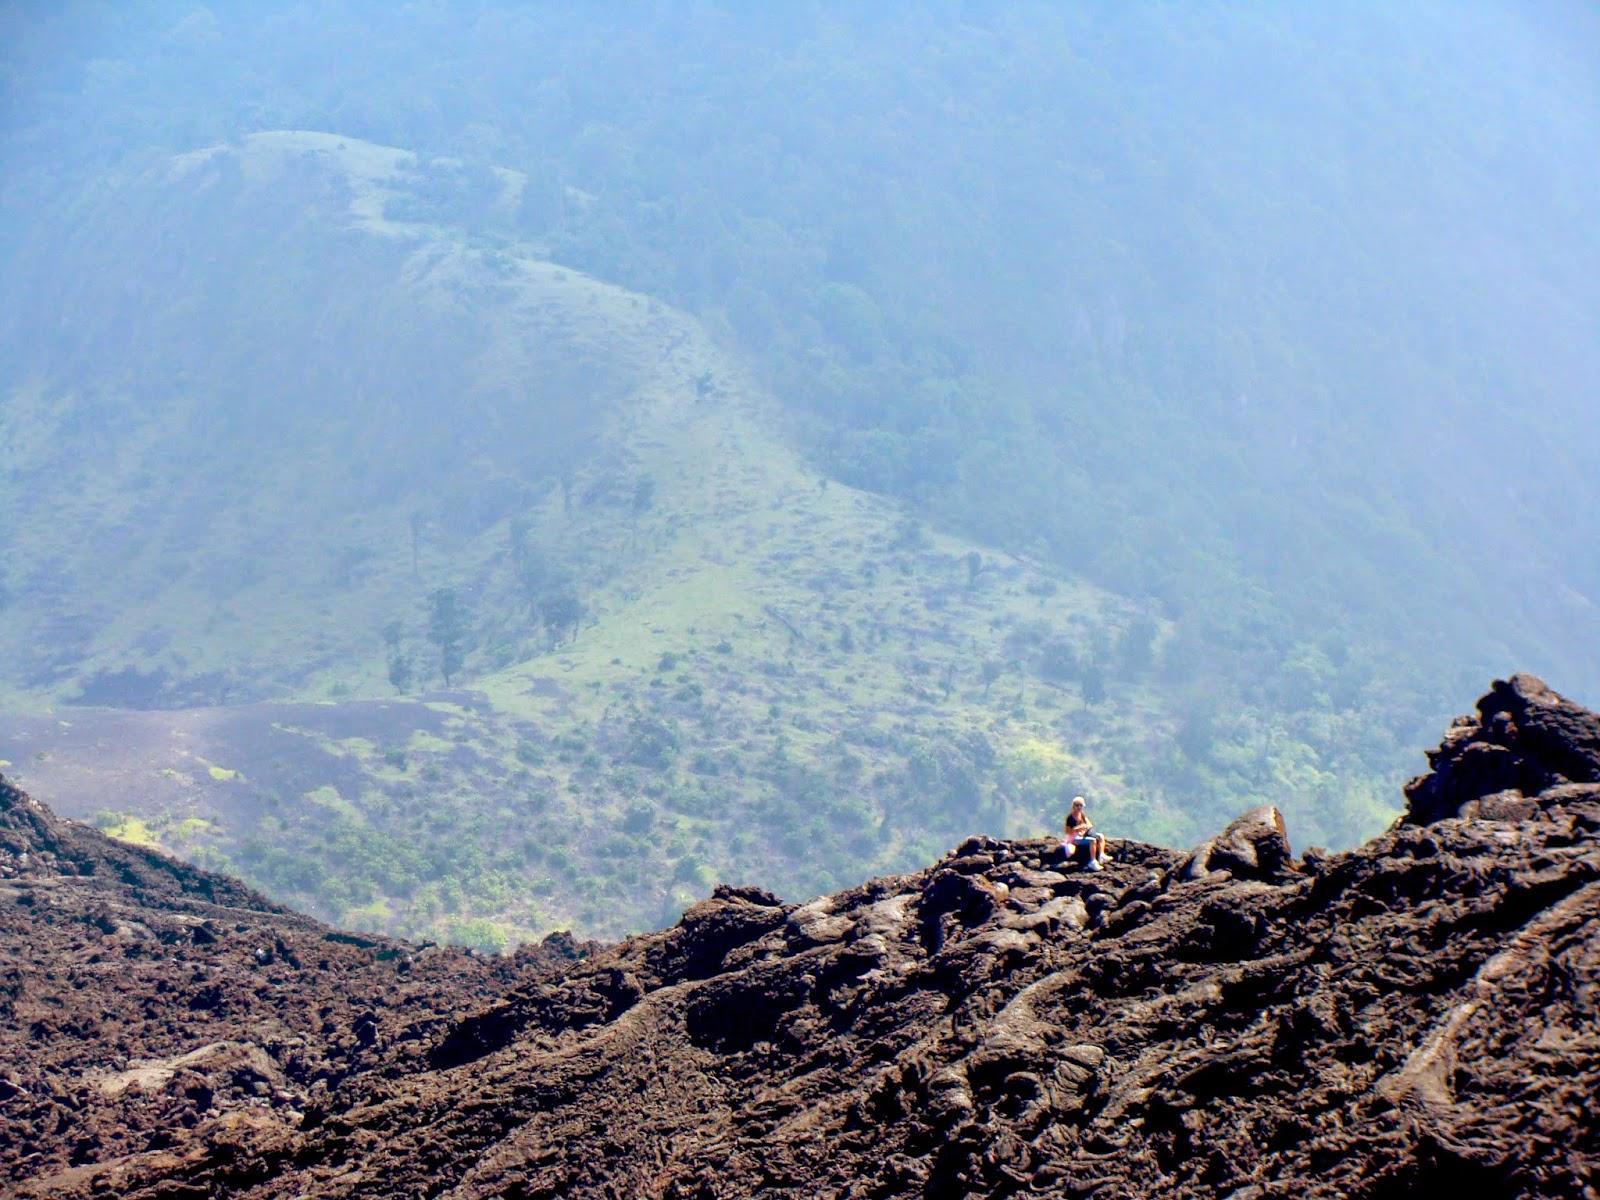 Vista desde el volcan de Pacaya en Guatemala